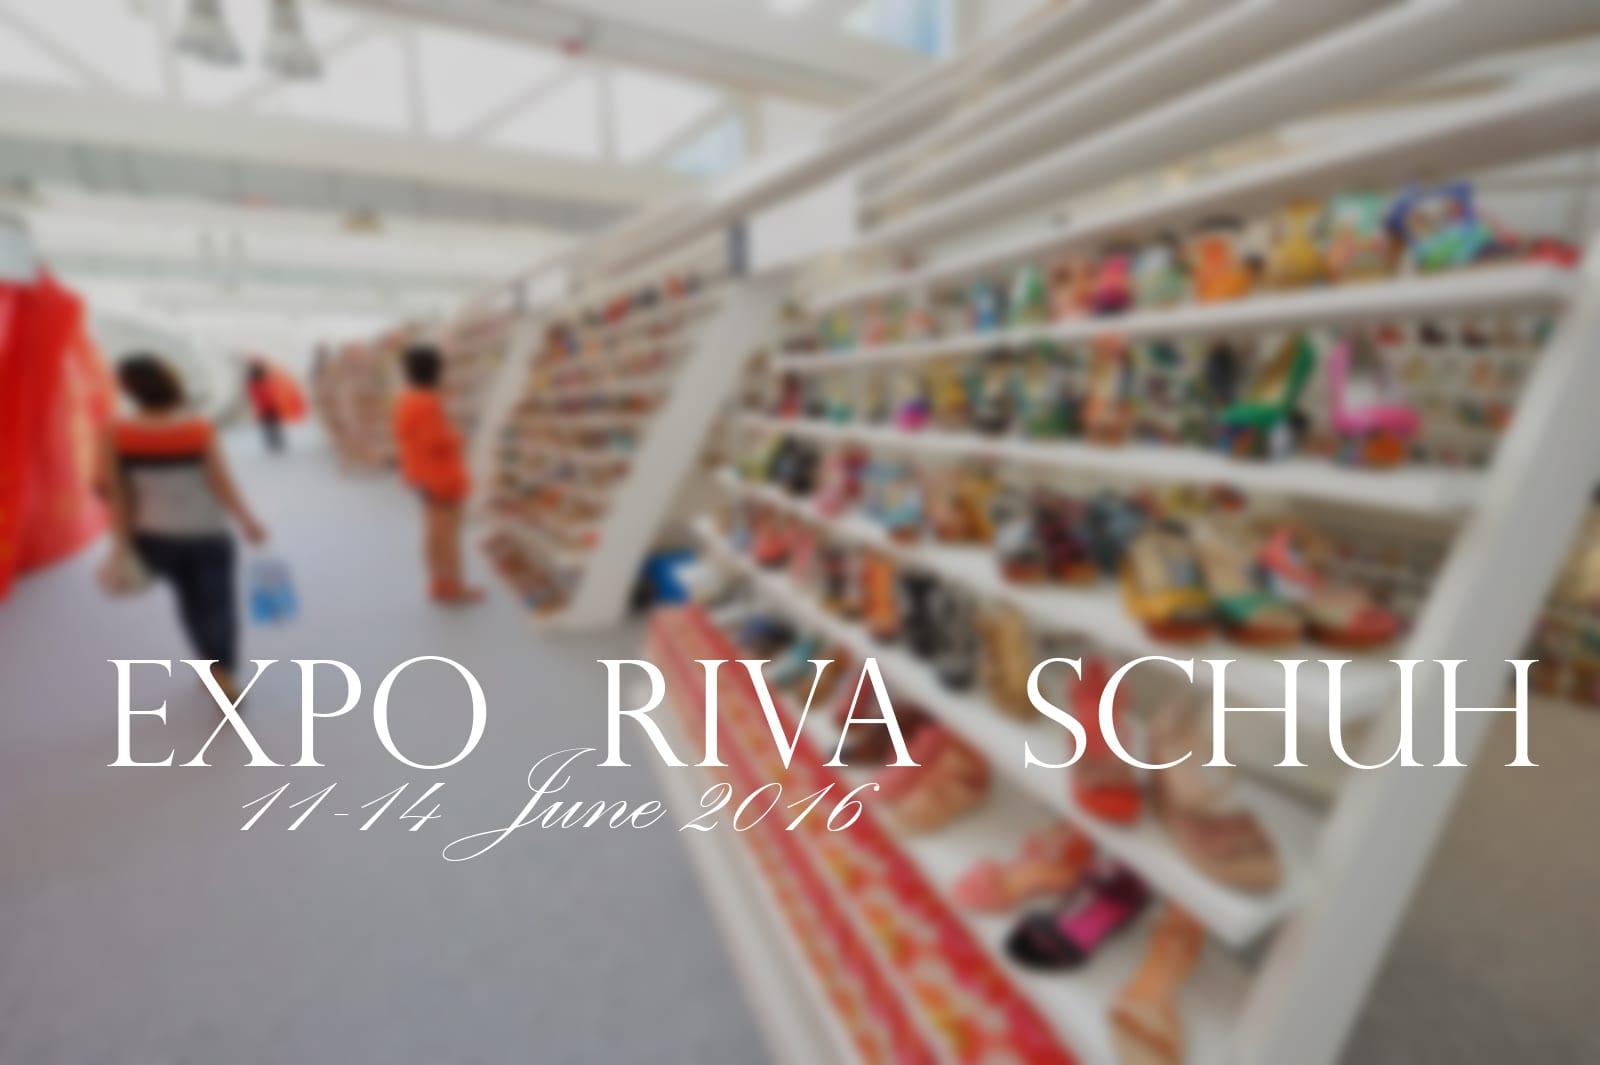 Expo Riva Schuh Italy